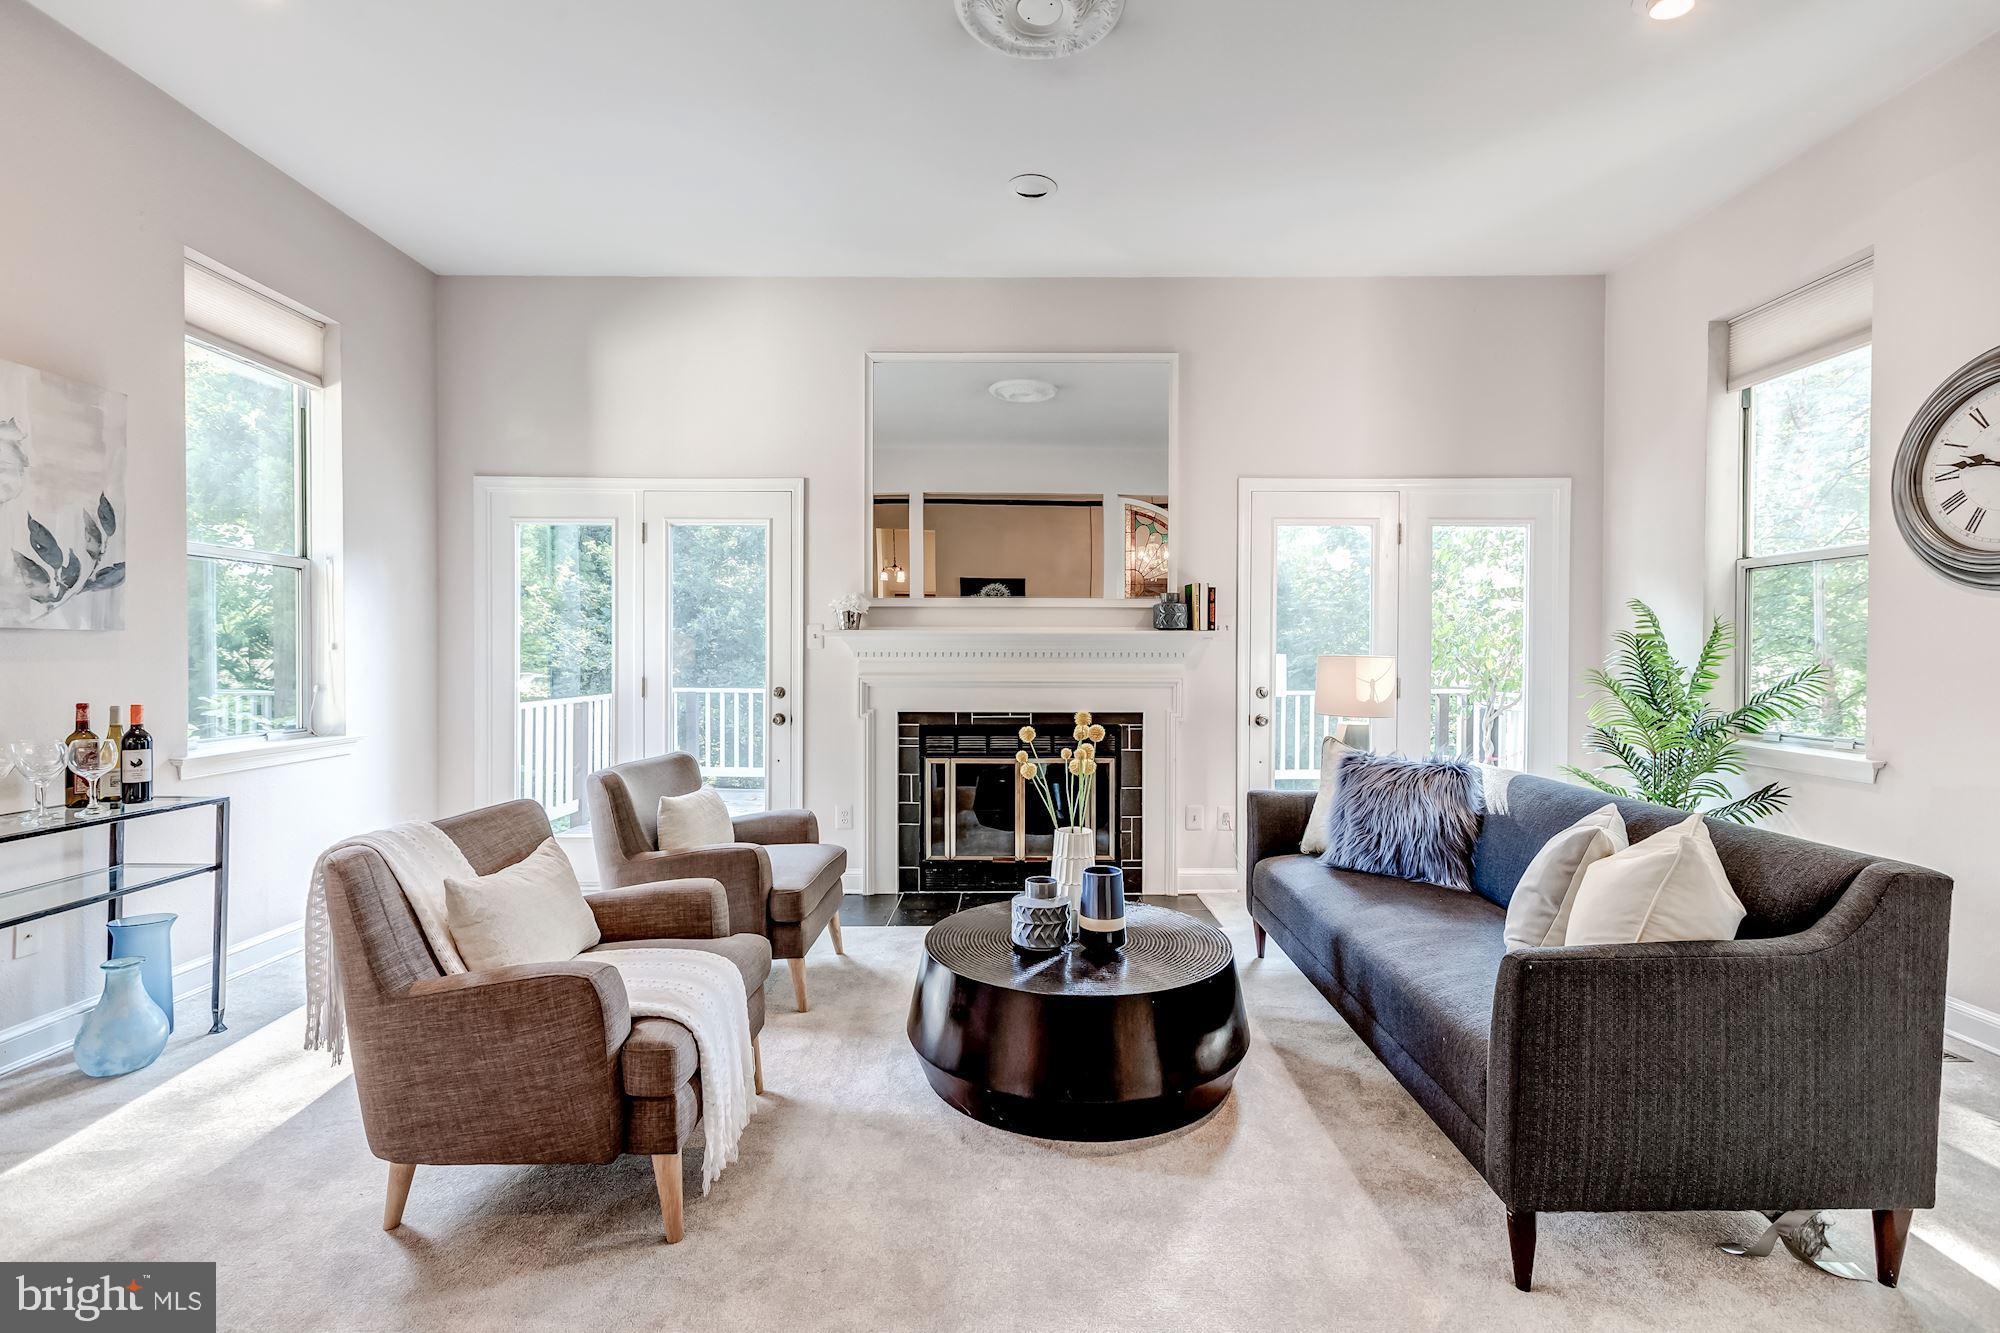 2375 N Edgewood Street, Arlington, VA 22207 | Julie Tremblay